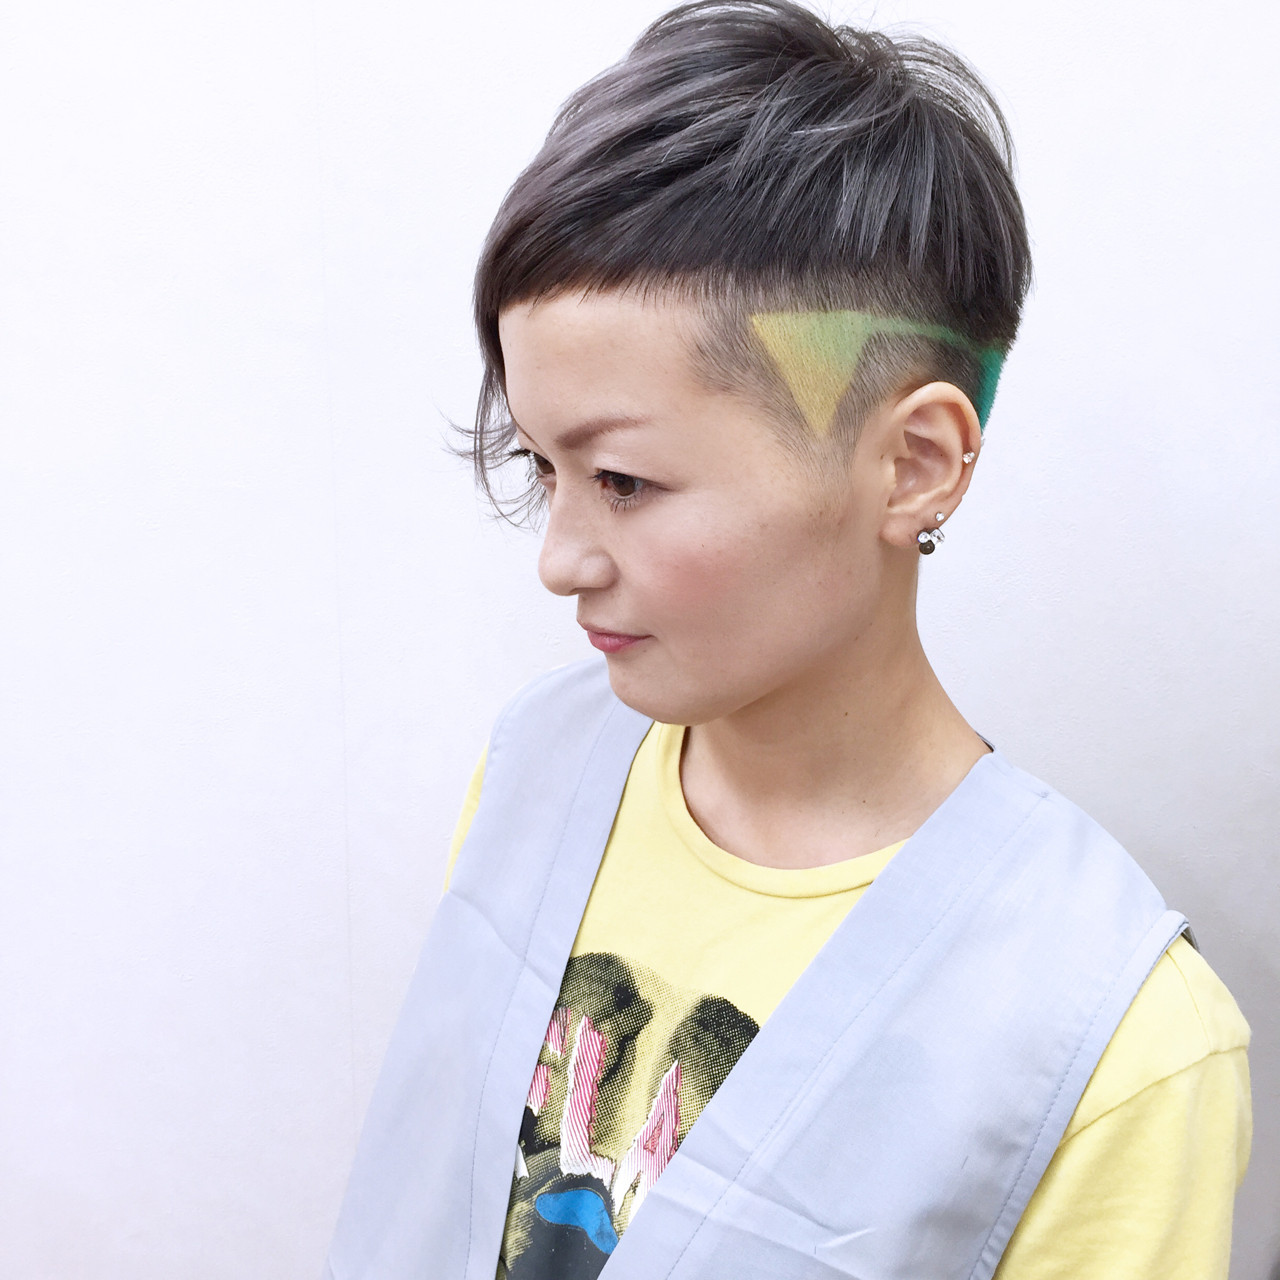 ハイトーン 個性的 ショート モード ヘアスタイルや髪型の写真・画像